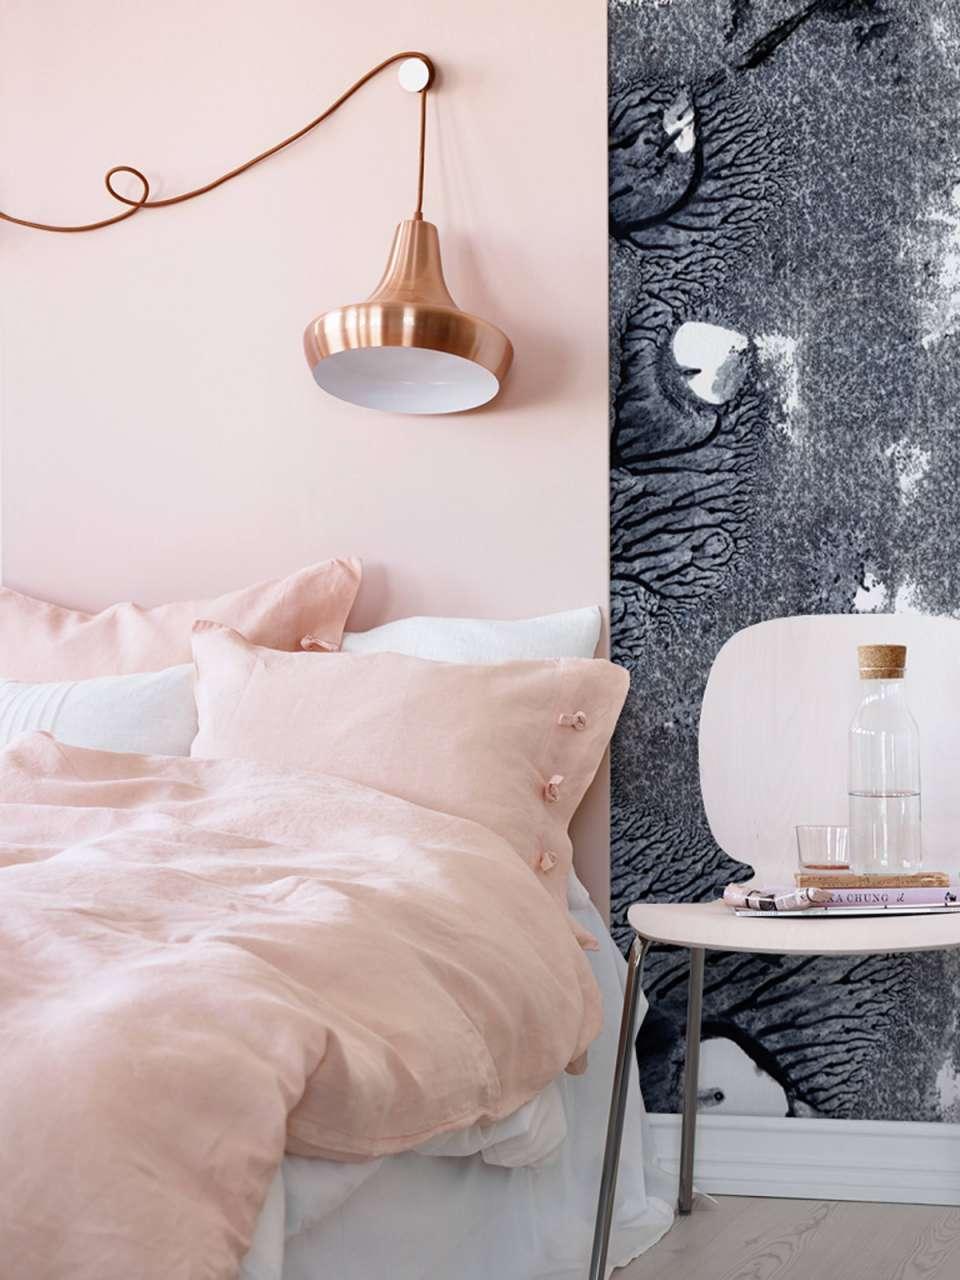 طراحی داخلی اتاق خواب صورتی